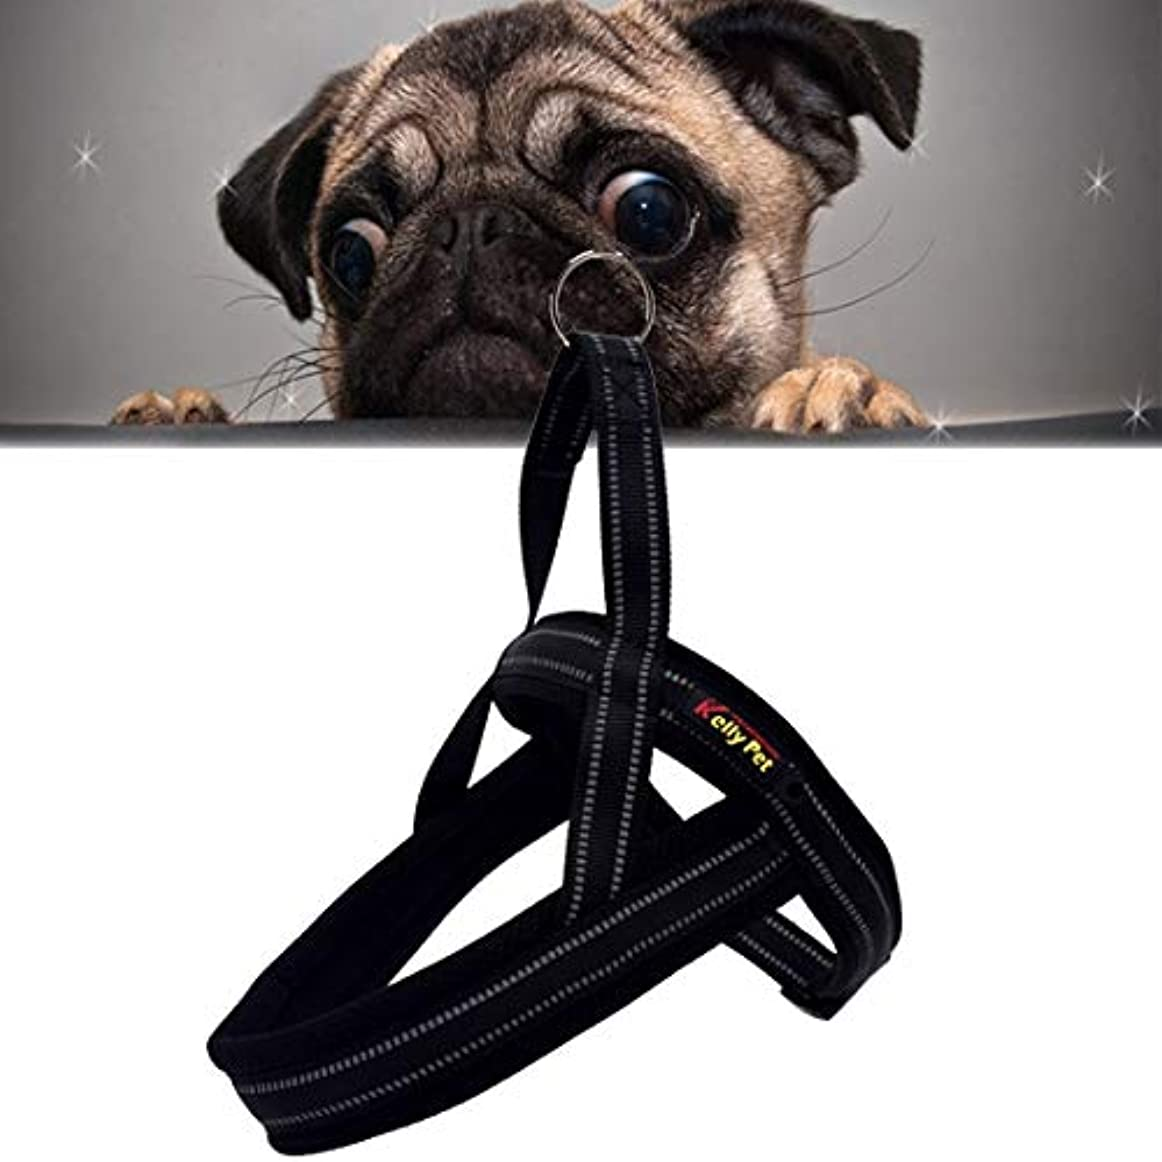 拘束する支払う確立KANEED ペットハーネス 中小型犬 猫 散歩 お出かけ用 ペット犬A7反射ポリエステル胸ハーネスリードリーシュ牽引ビッグドッグセーフティチェーンロープカラー、サイズ:XS、2.0 * 42 * 50cm (色 : Black)